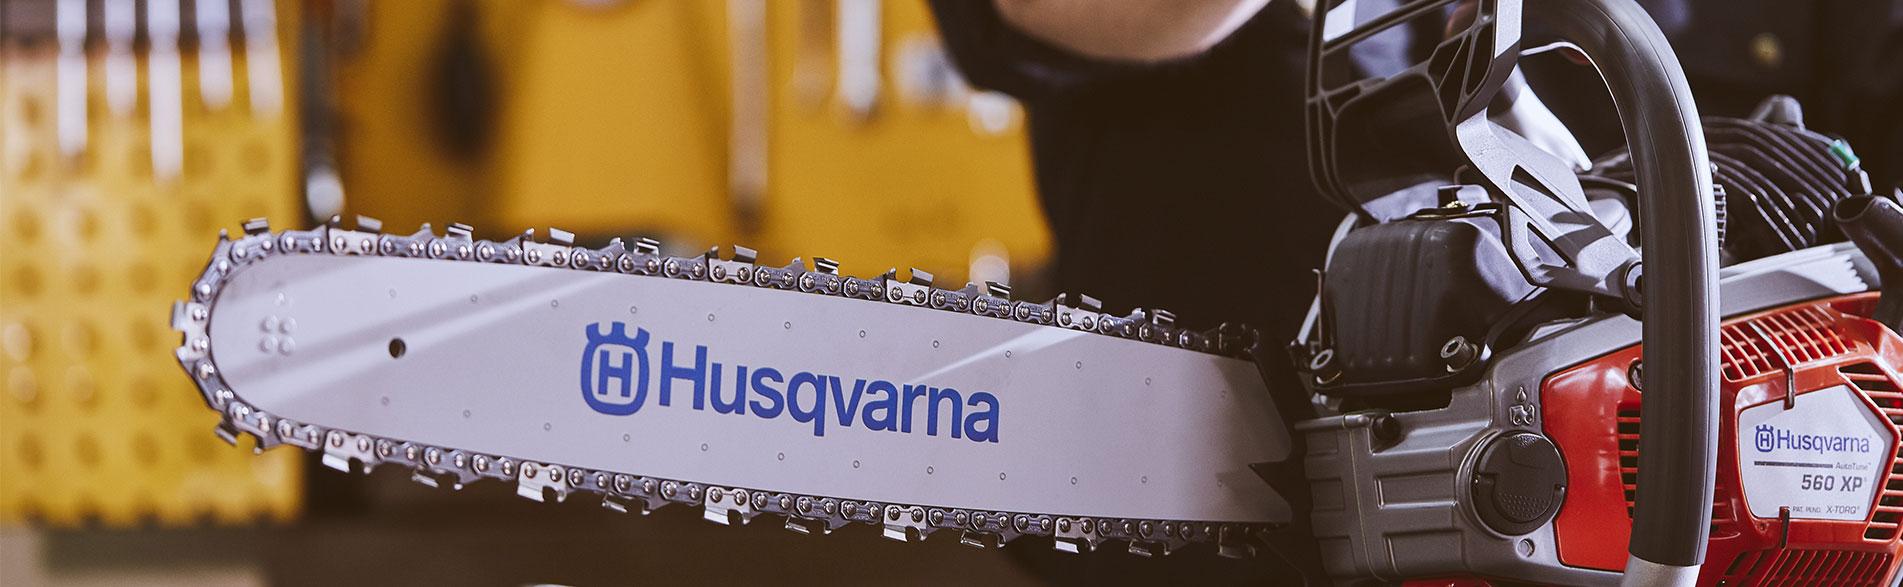 1526911502_0_husqvarna.jpg